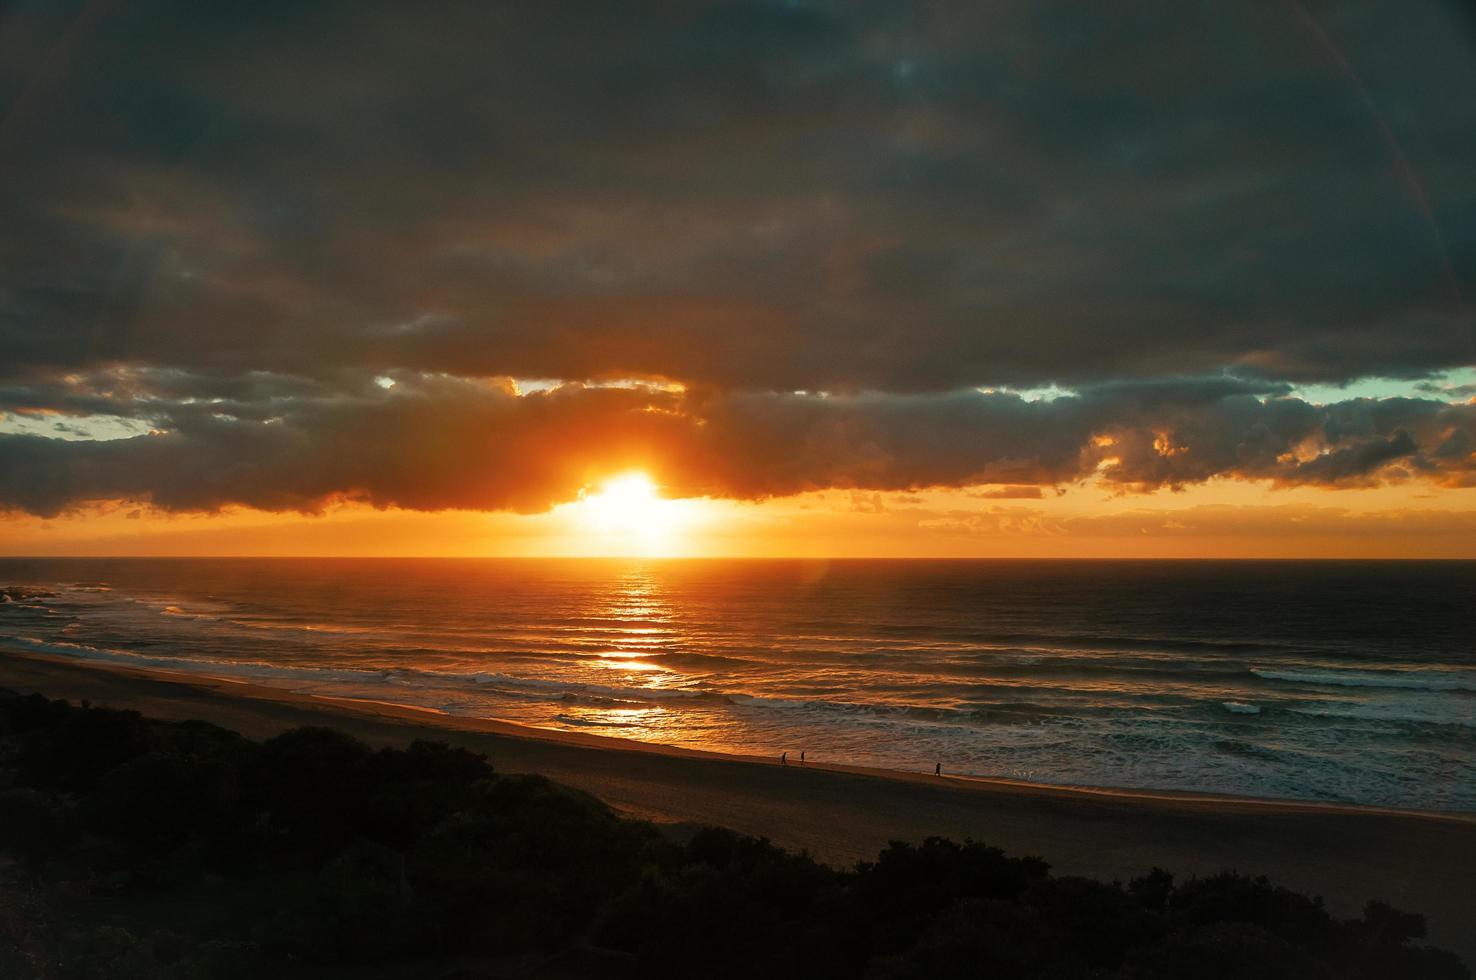 lever du soleil tôt sur la plage de l'océan, silhouettes de personnes, nuages dramatiques photo